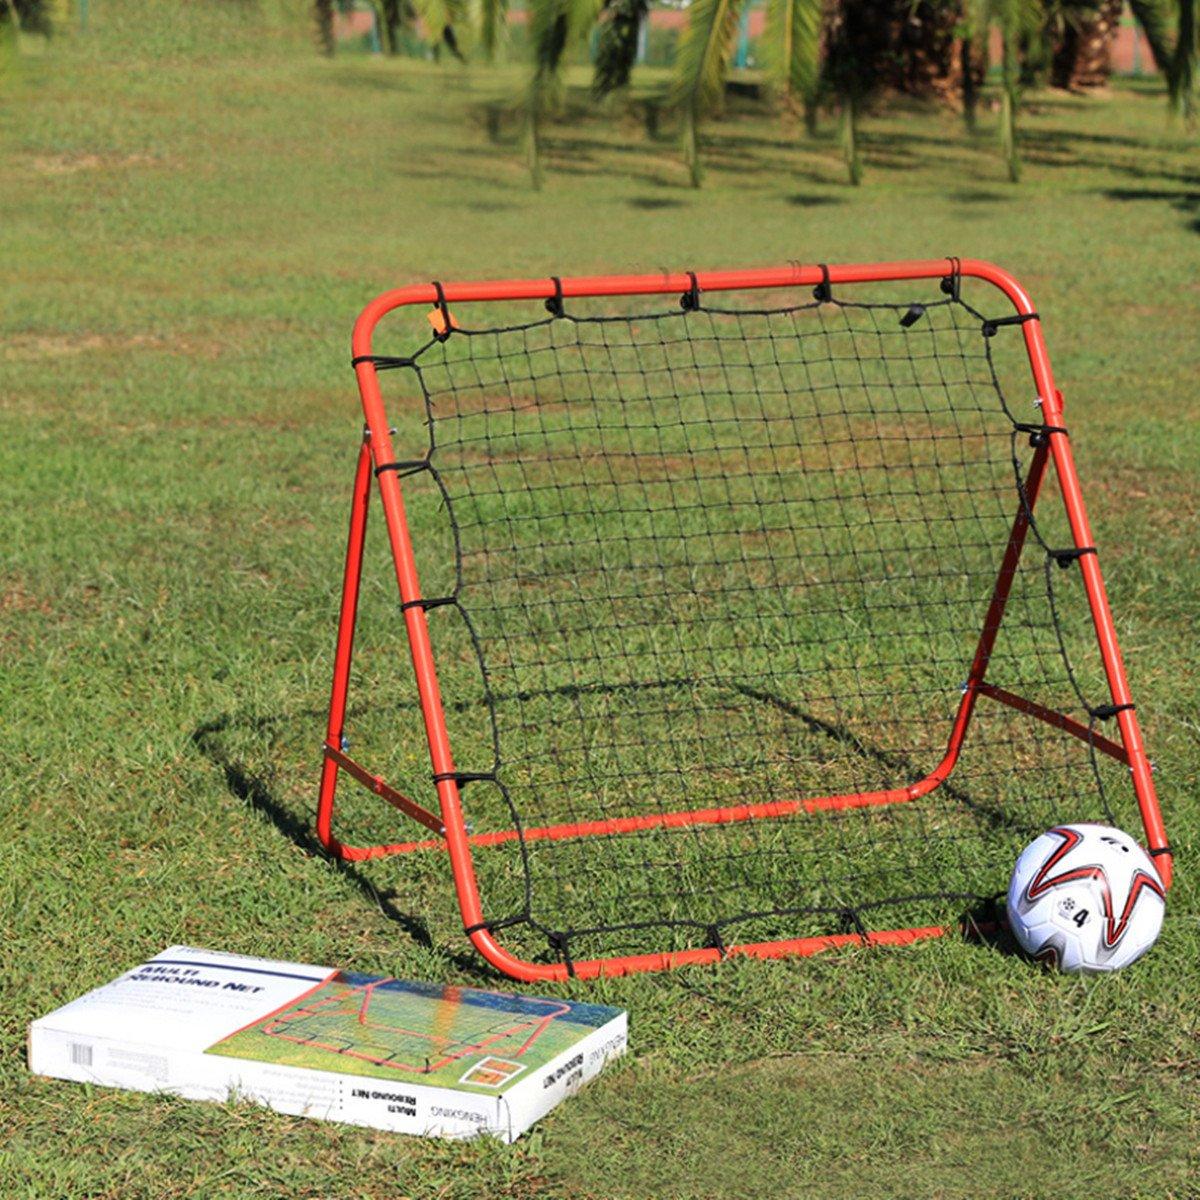 LaDicha Fußball Baseball Training Ausüben Stander Rebound Target Mesh Net Outdoor Sport Unterhalten